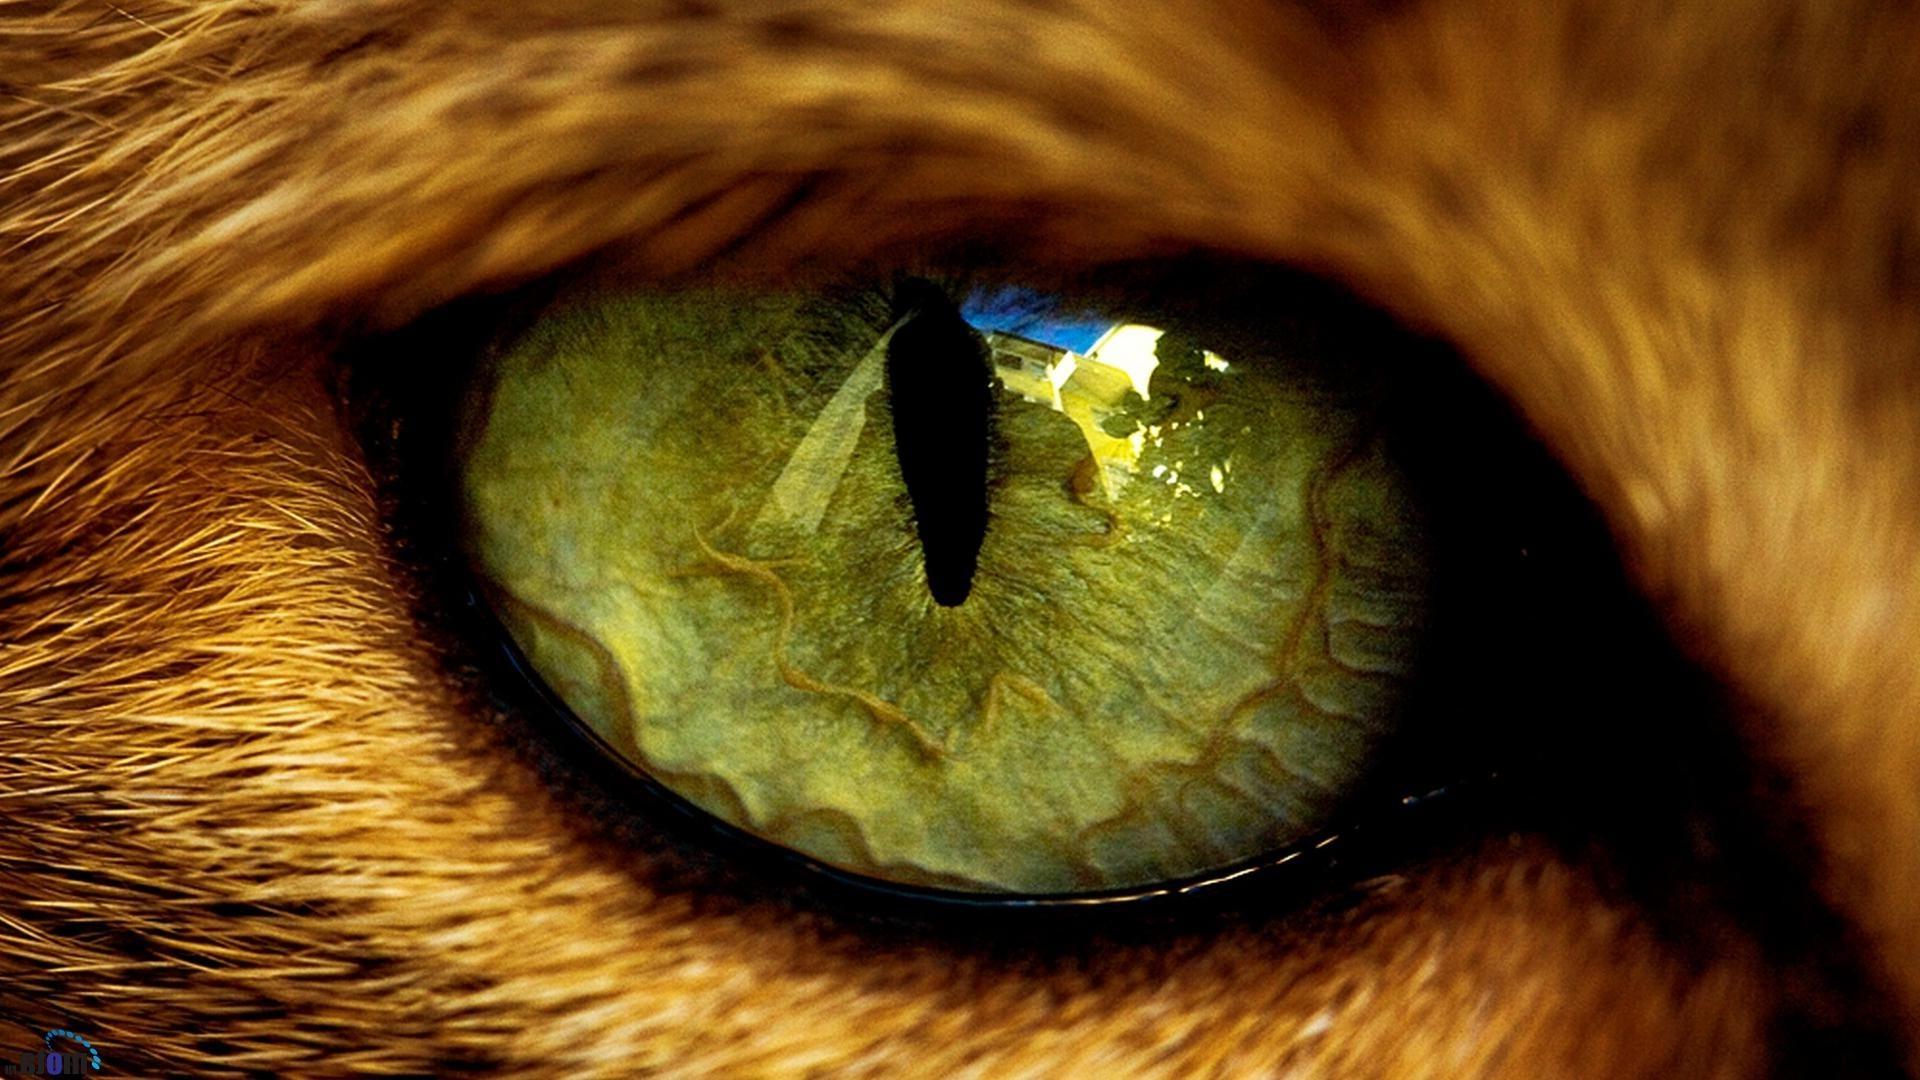 Как сделать глаза как у кошки фото